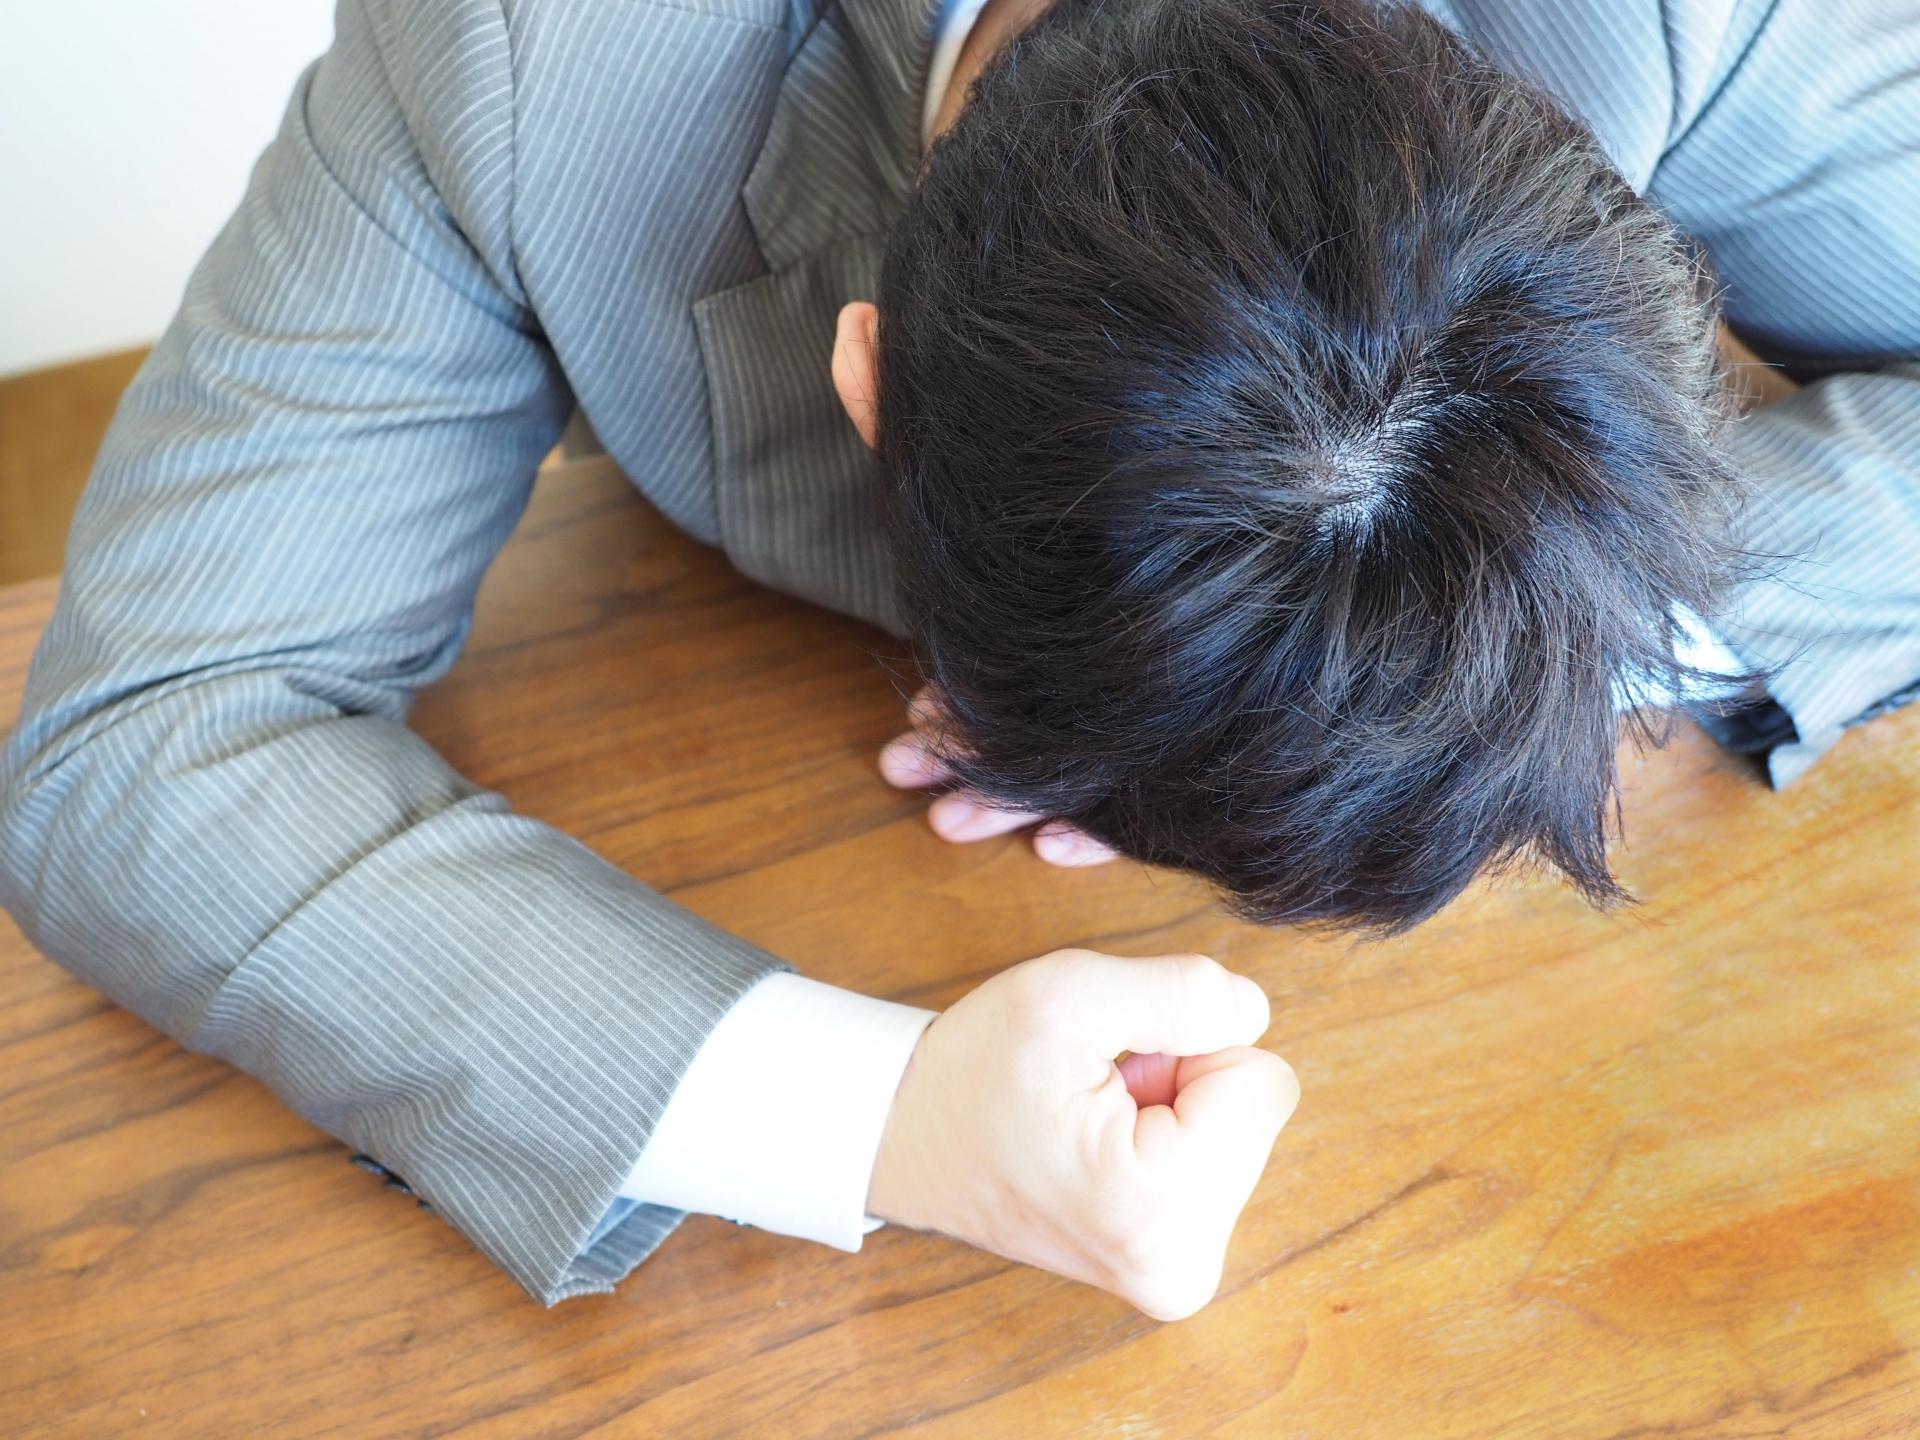 仕事での嫉妬は女より男の方が怖い!嫉妬しやすい人の特徴と回避方法